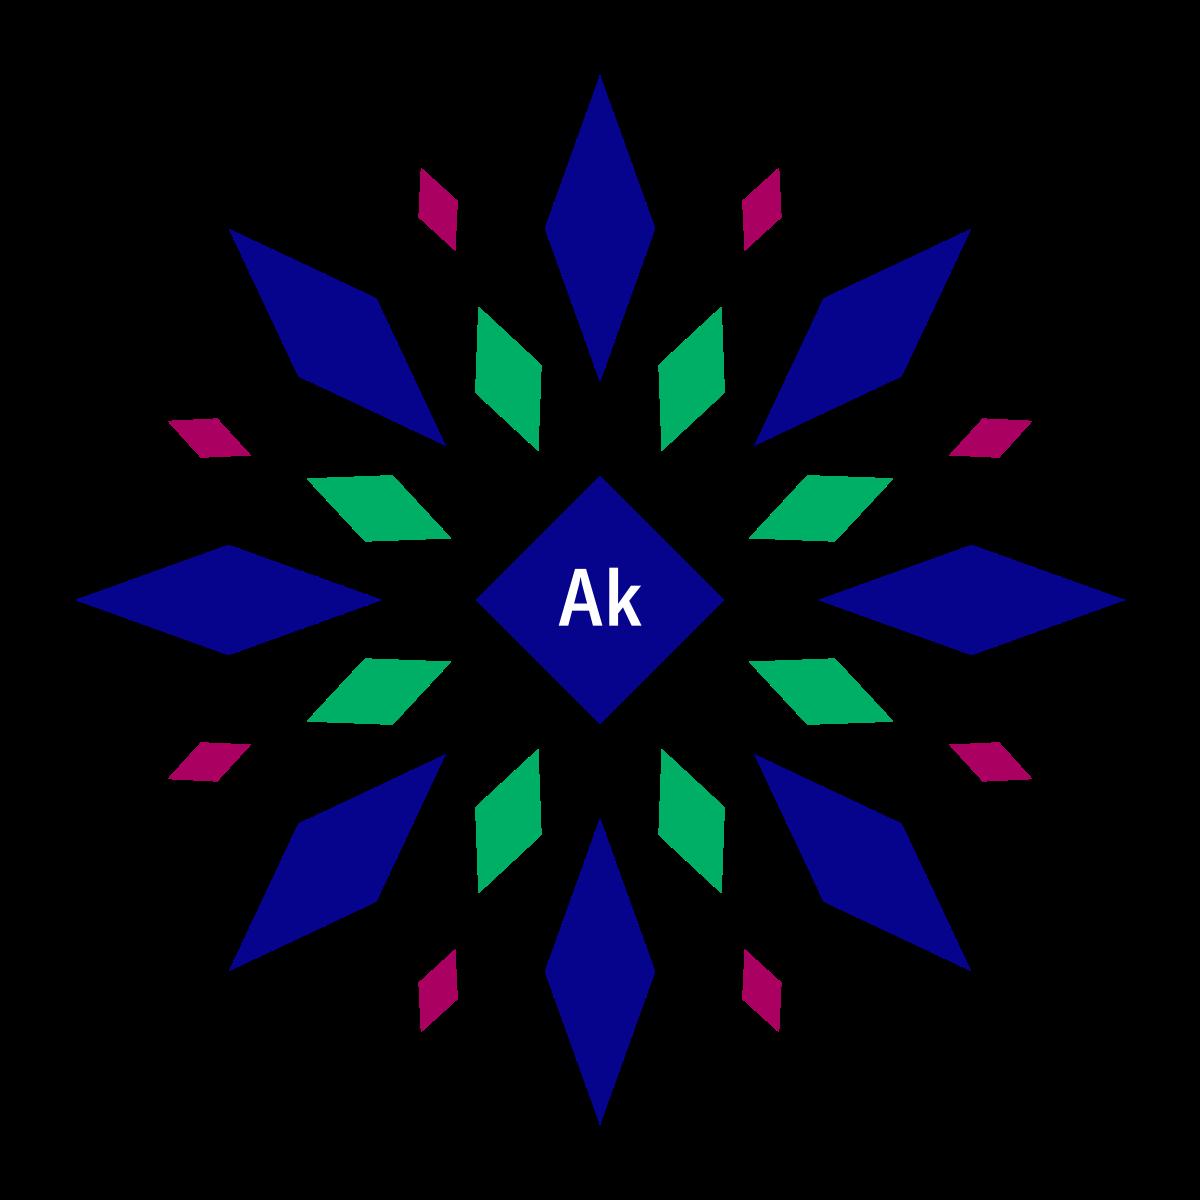 AK-47 weed strain